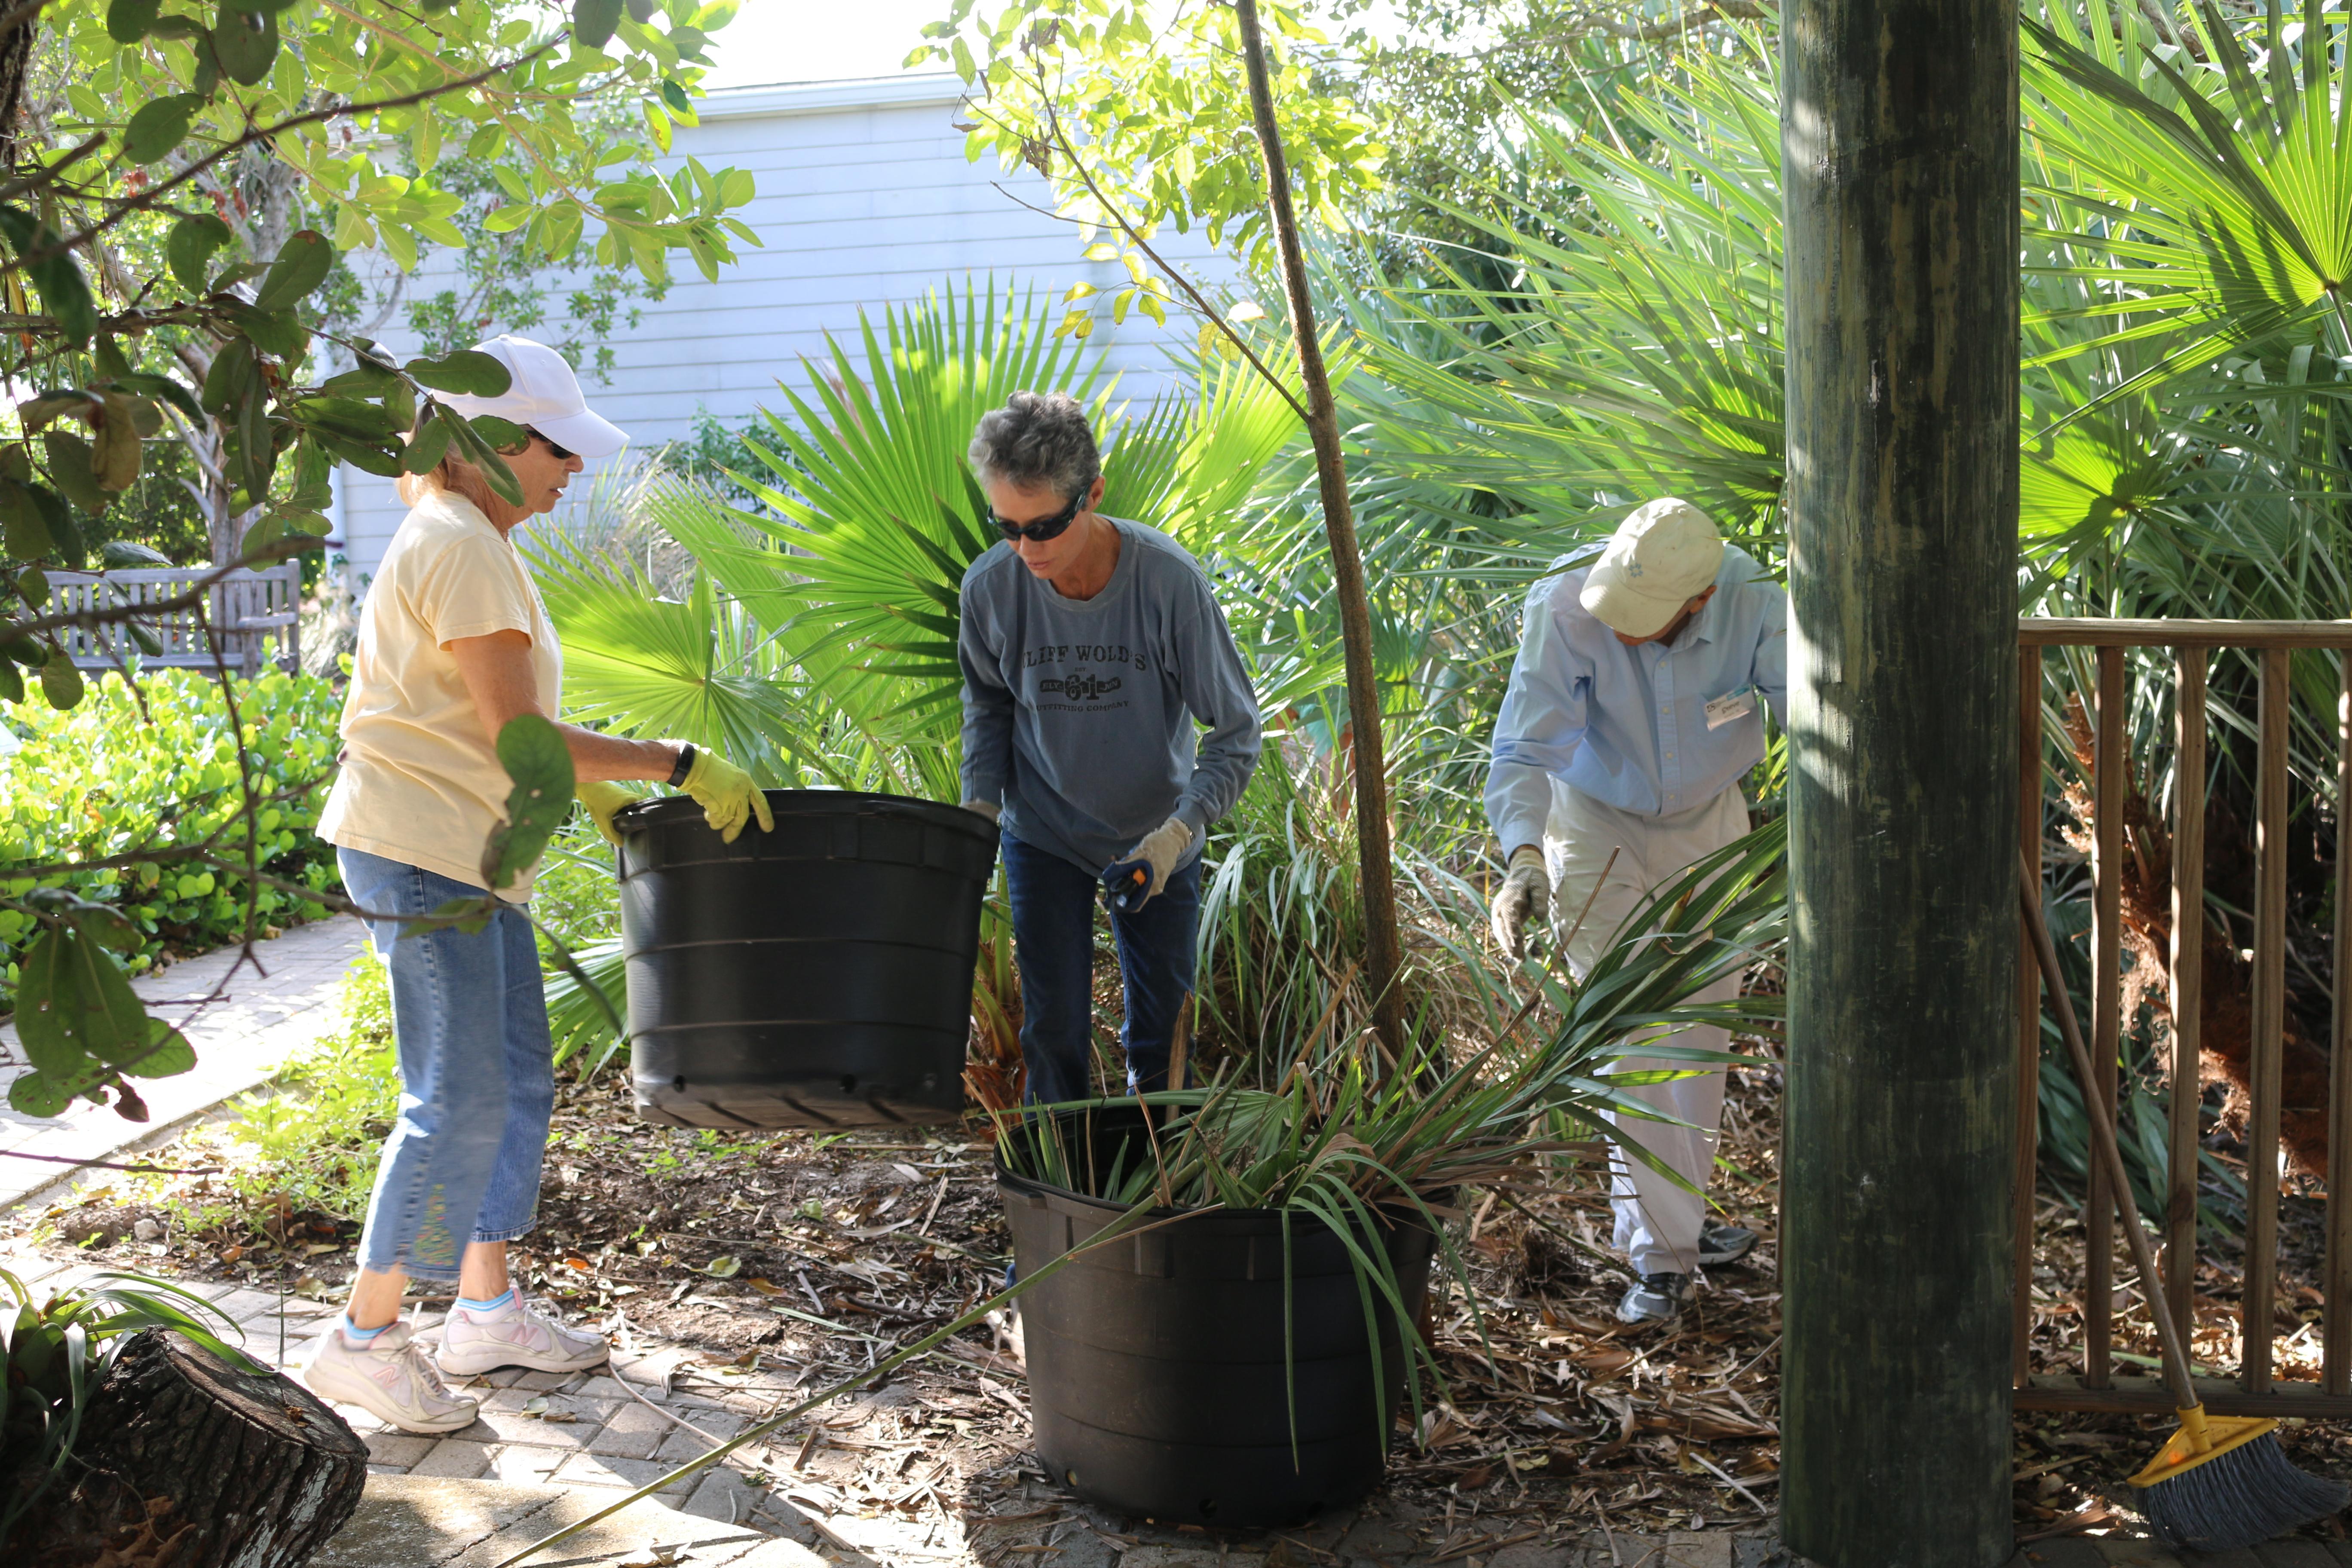 Green team volunteers working in the garden